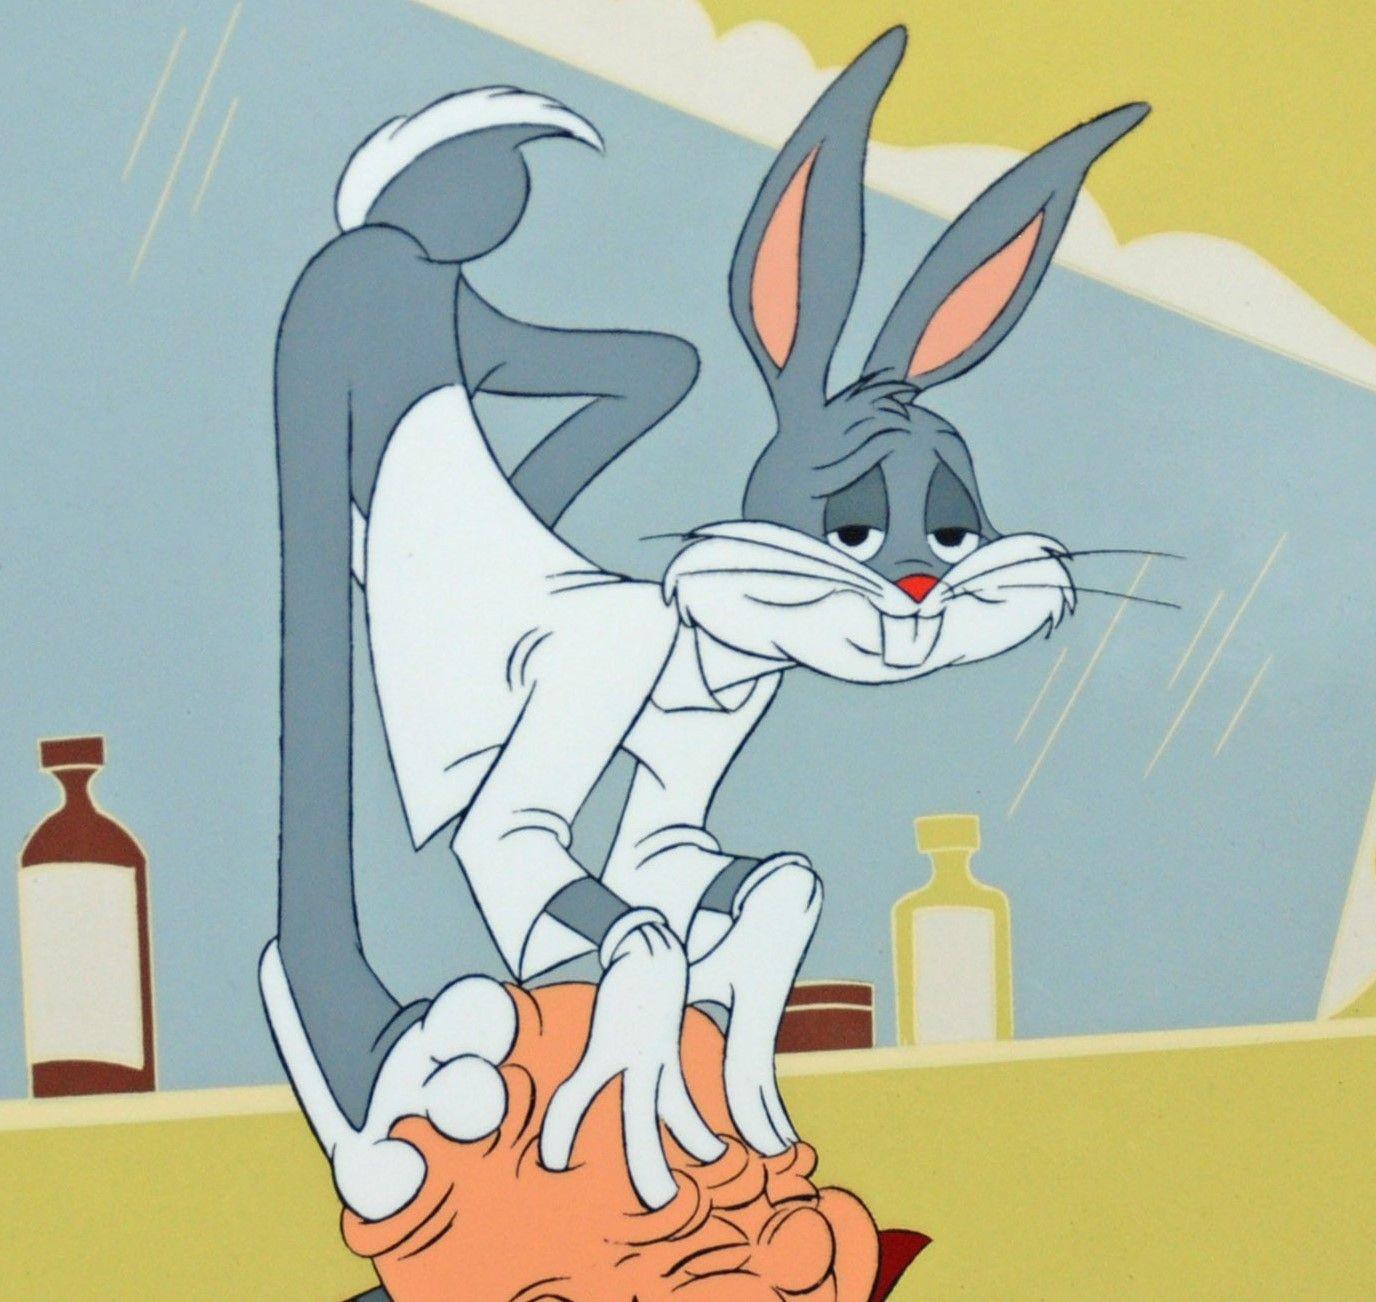 Meme De No Conejo Bugs Bunny   Meme Creation